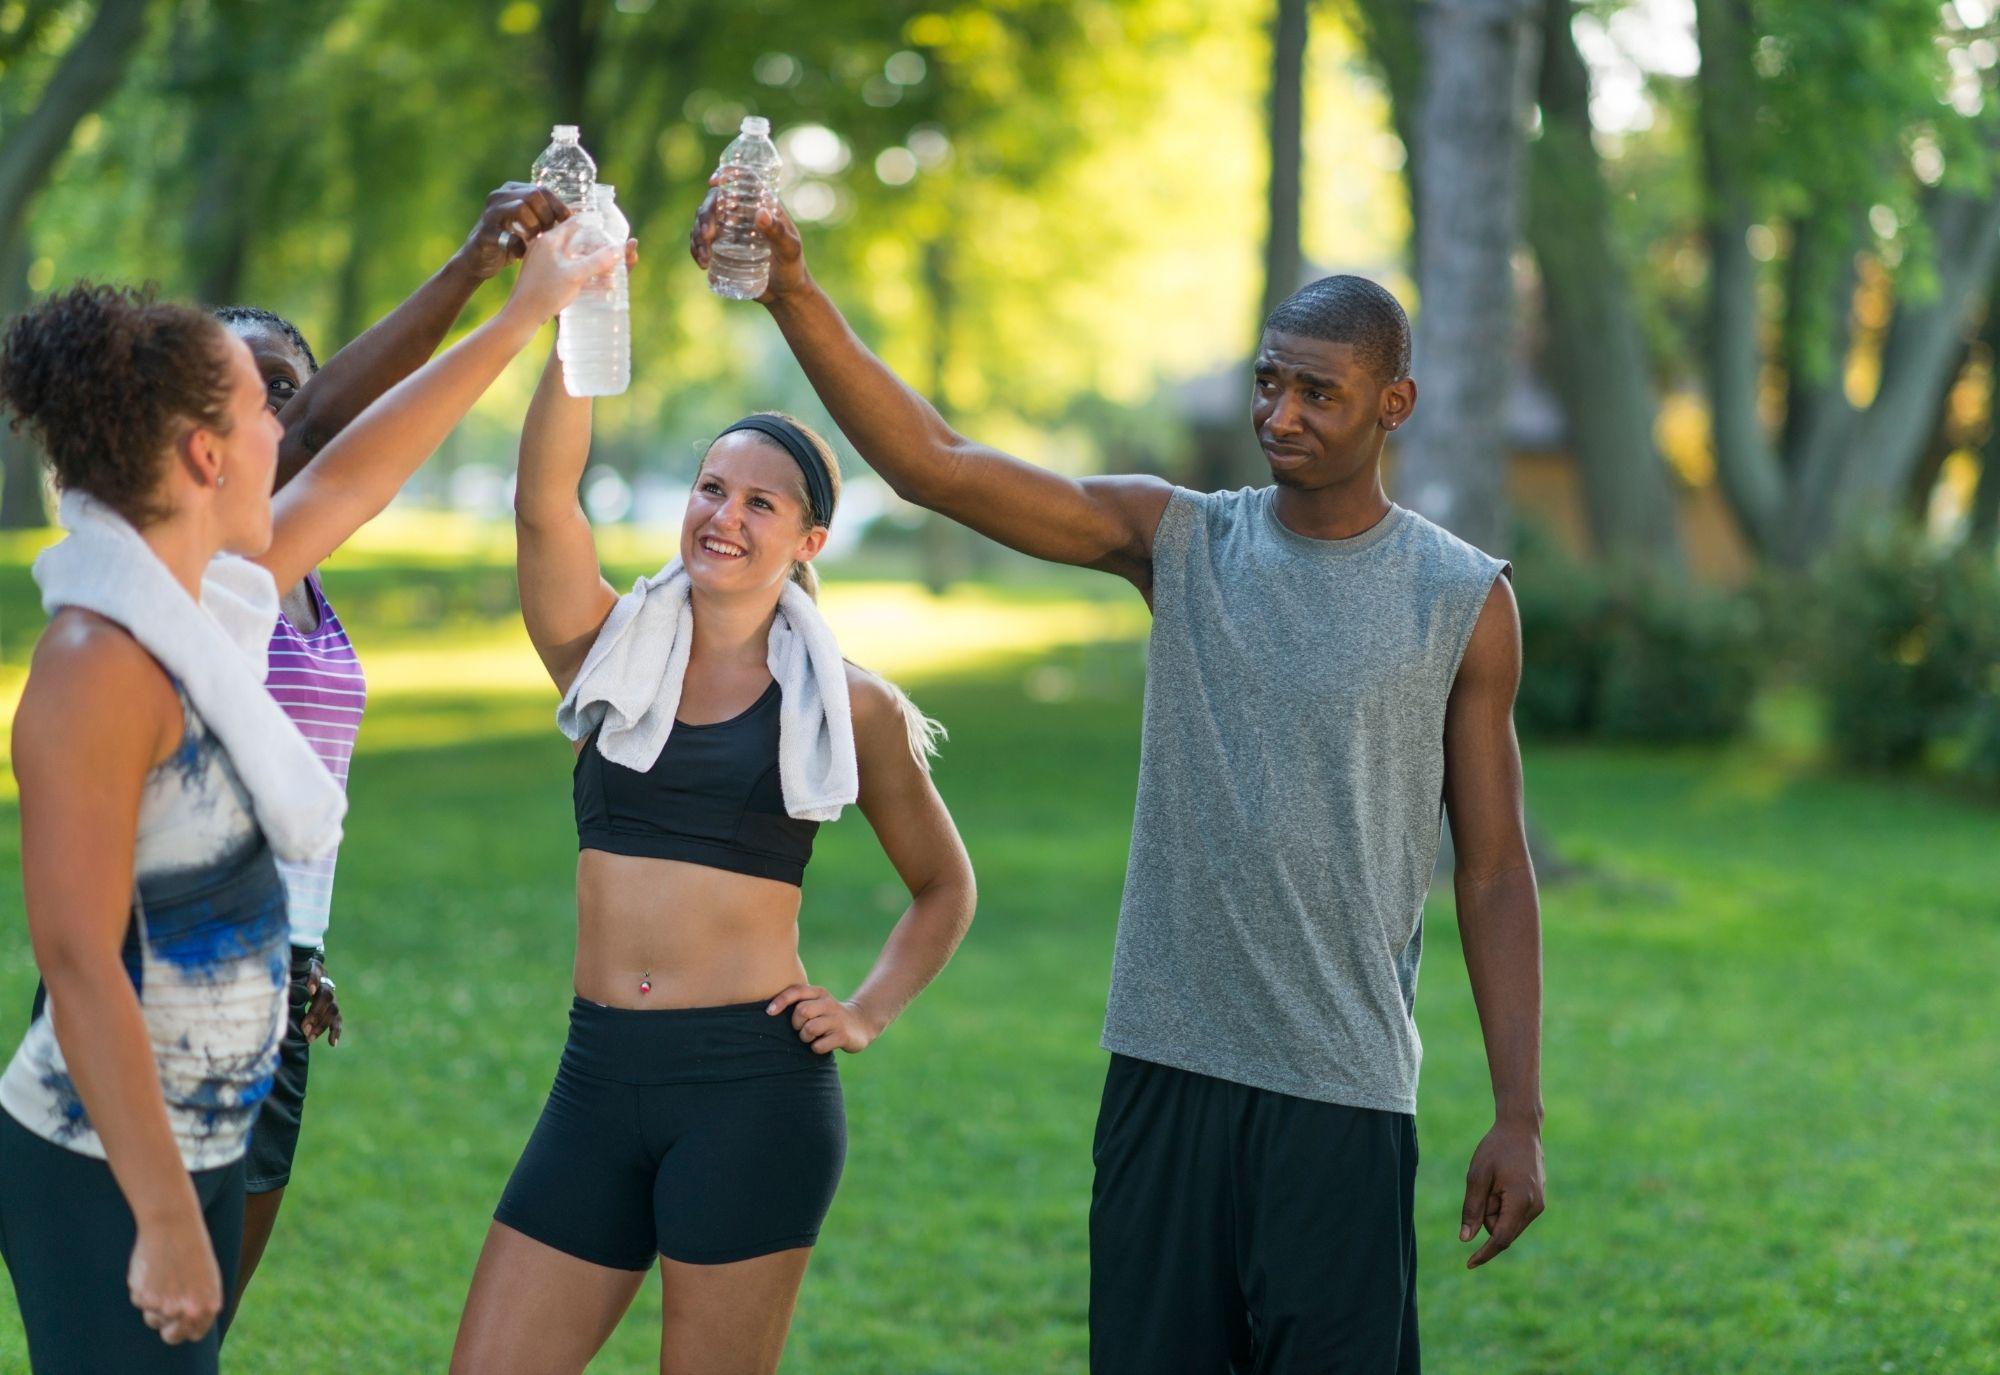 Nutrition après l'entraînement : Que faut-il manger après une séance d'entraînement ?